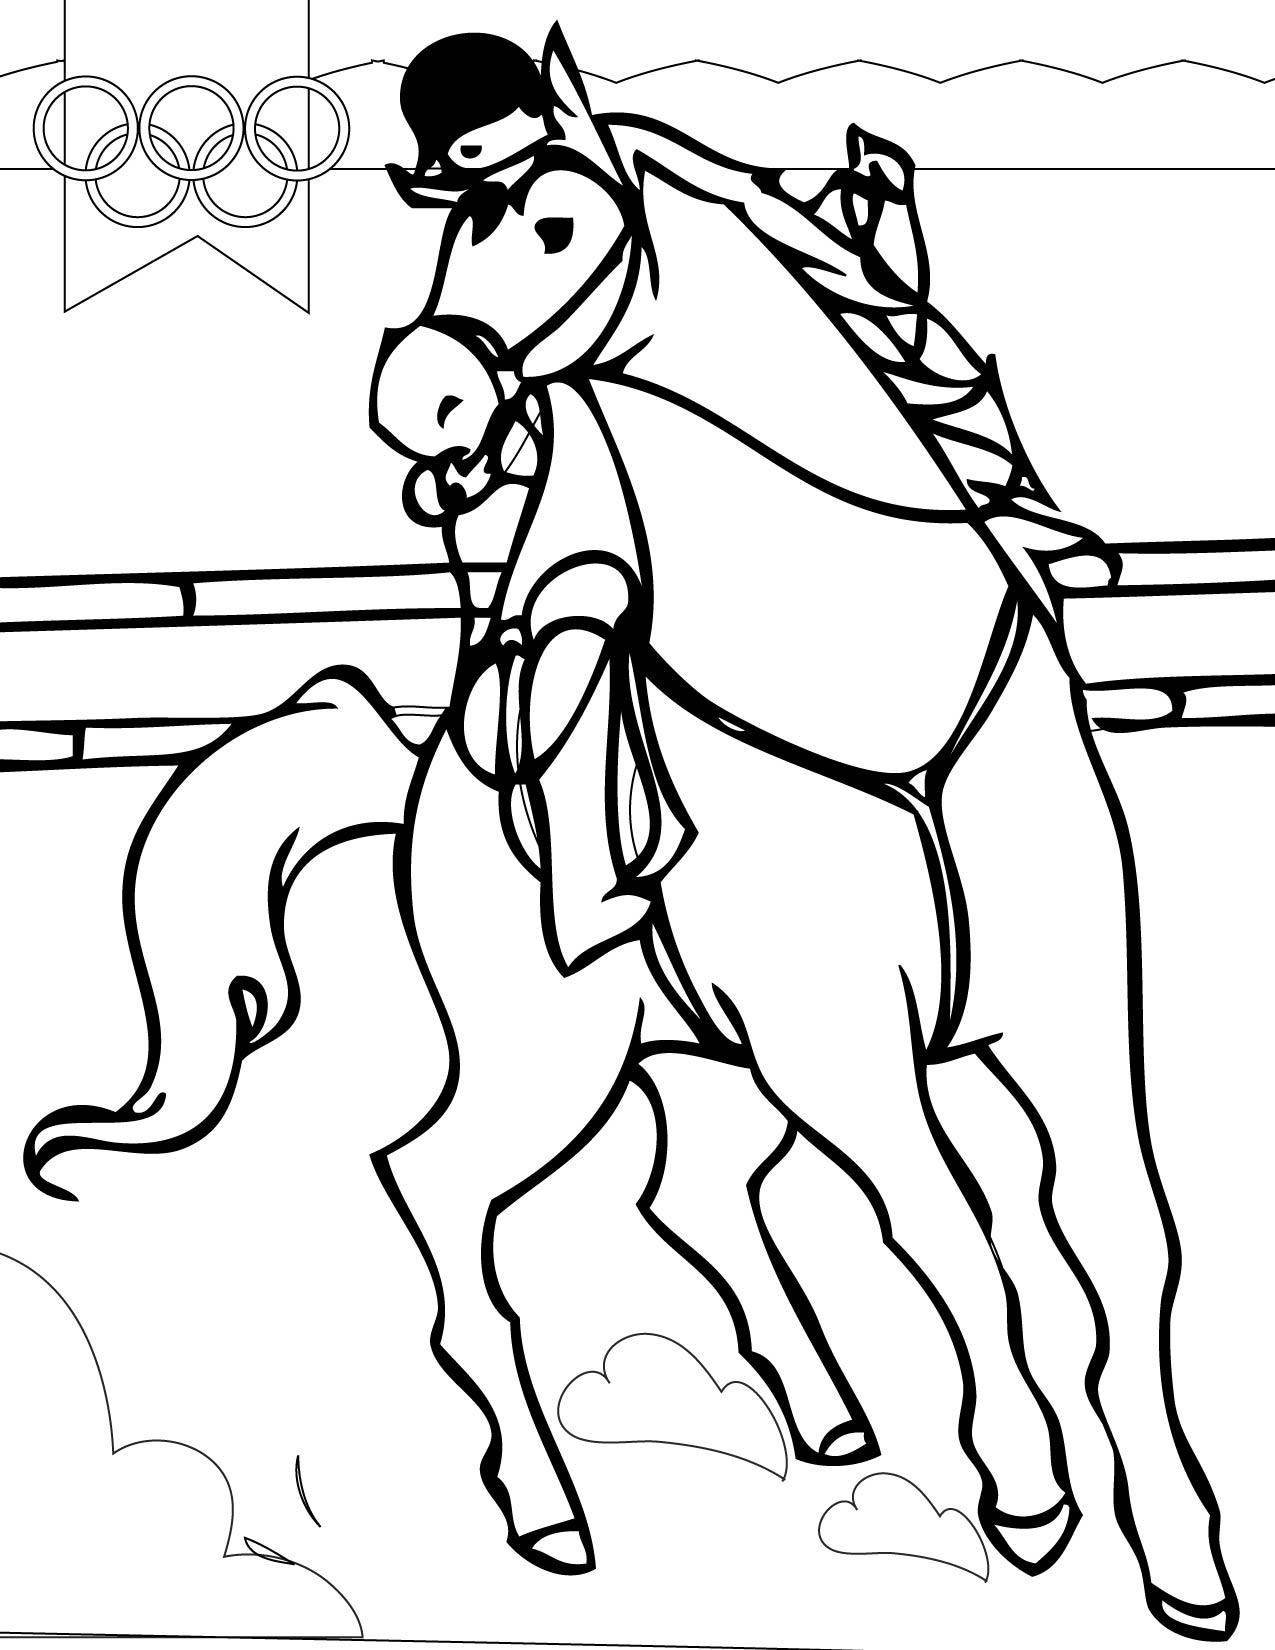 Раскраски конный спорт Раскраски конный спорт. Раскраски скачки, всадник на лошади. Красивая скаковая лошадь